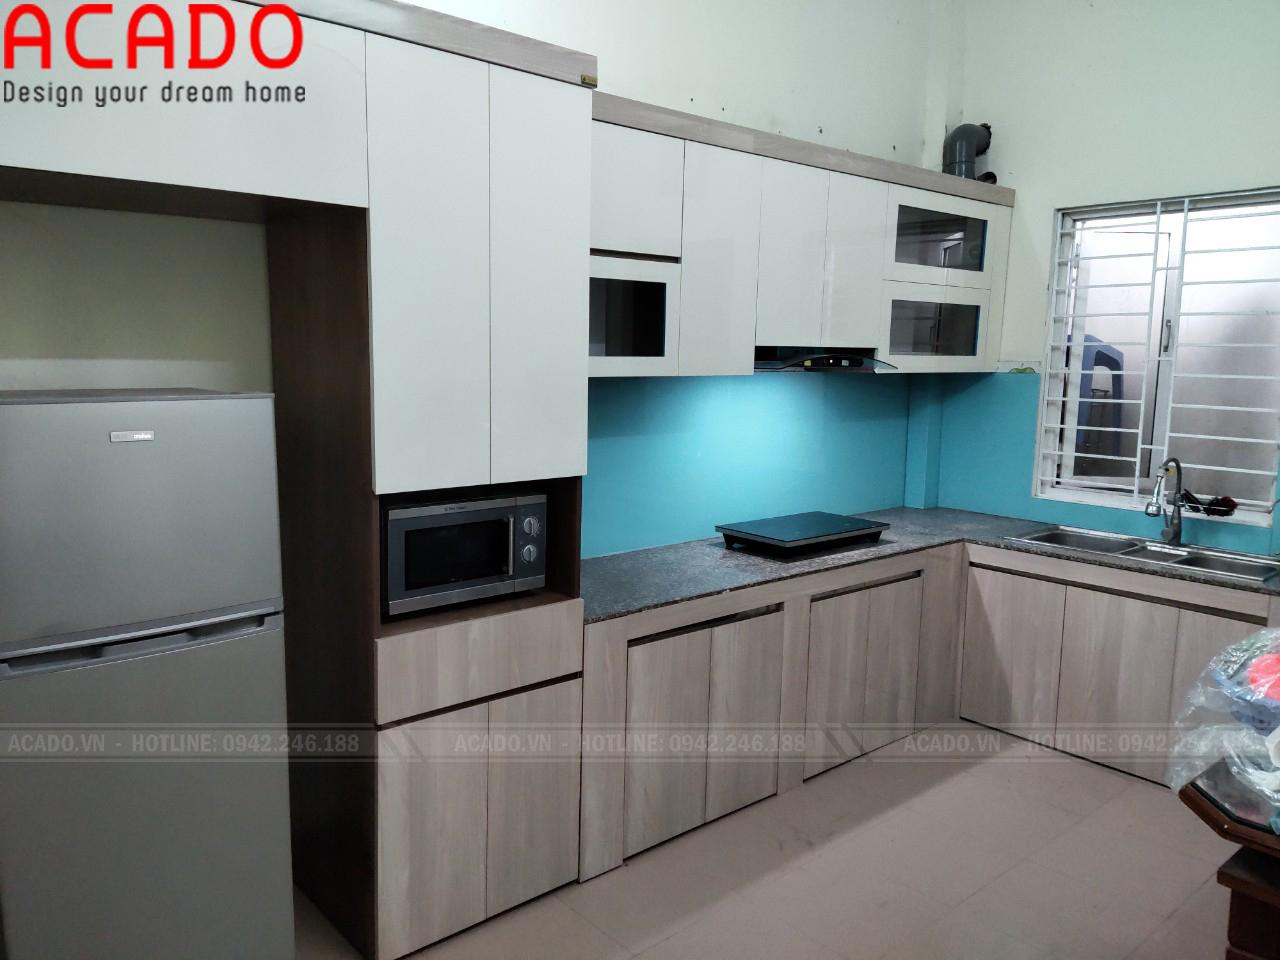 Hoàn thiện công trình tủ bếp tại Long Biên và bàn giao công trình lại cho gia đình chị Lan